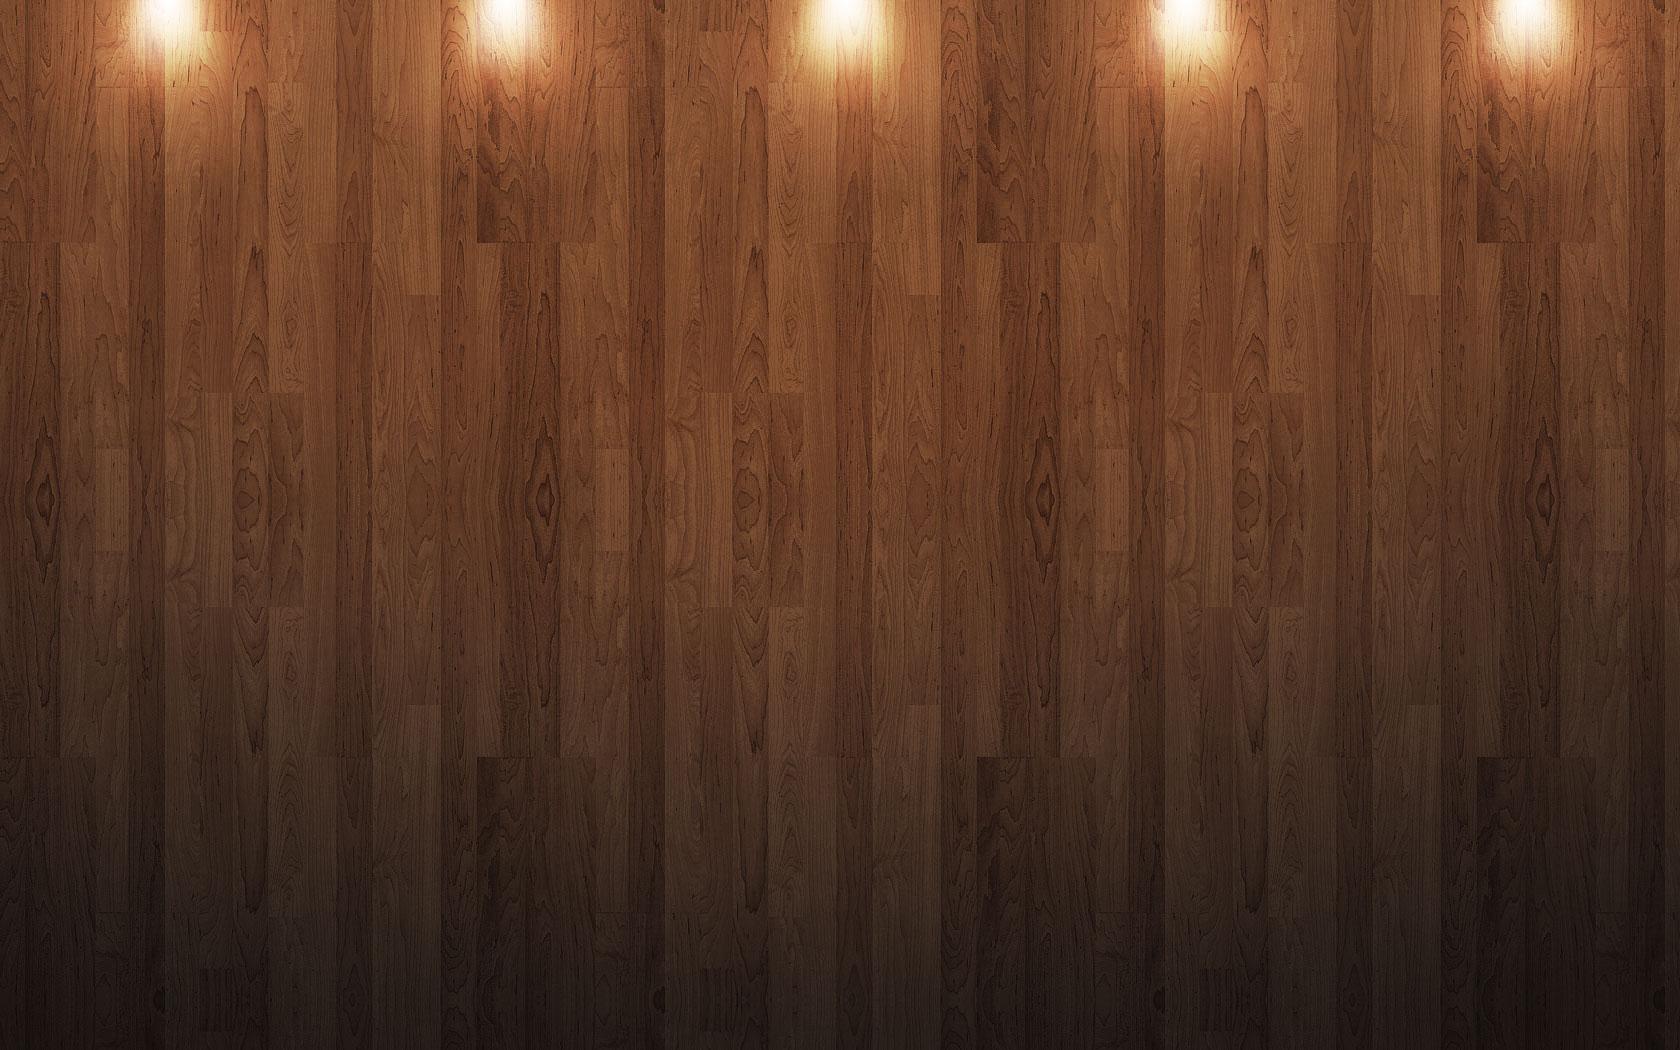 40 Stunning Wood BackgroundsTrickvilla Trickvilla 1680x1050